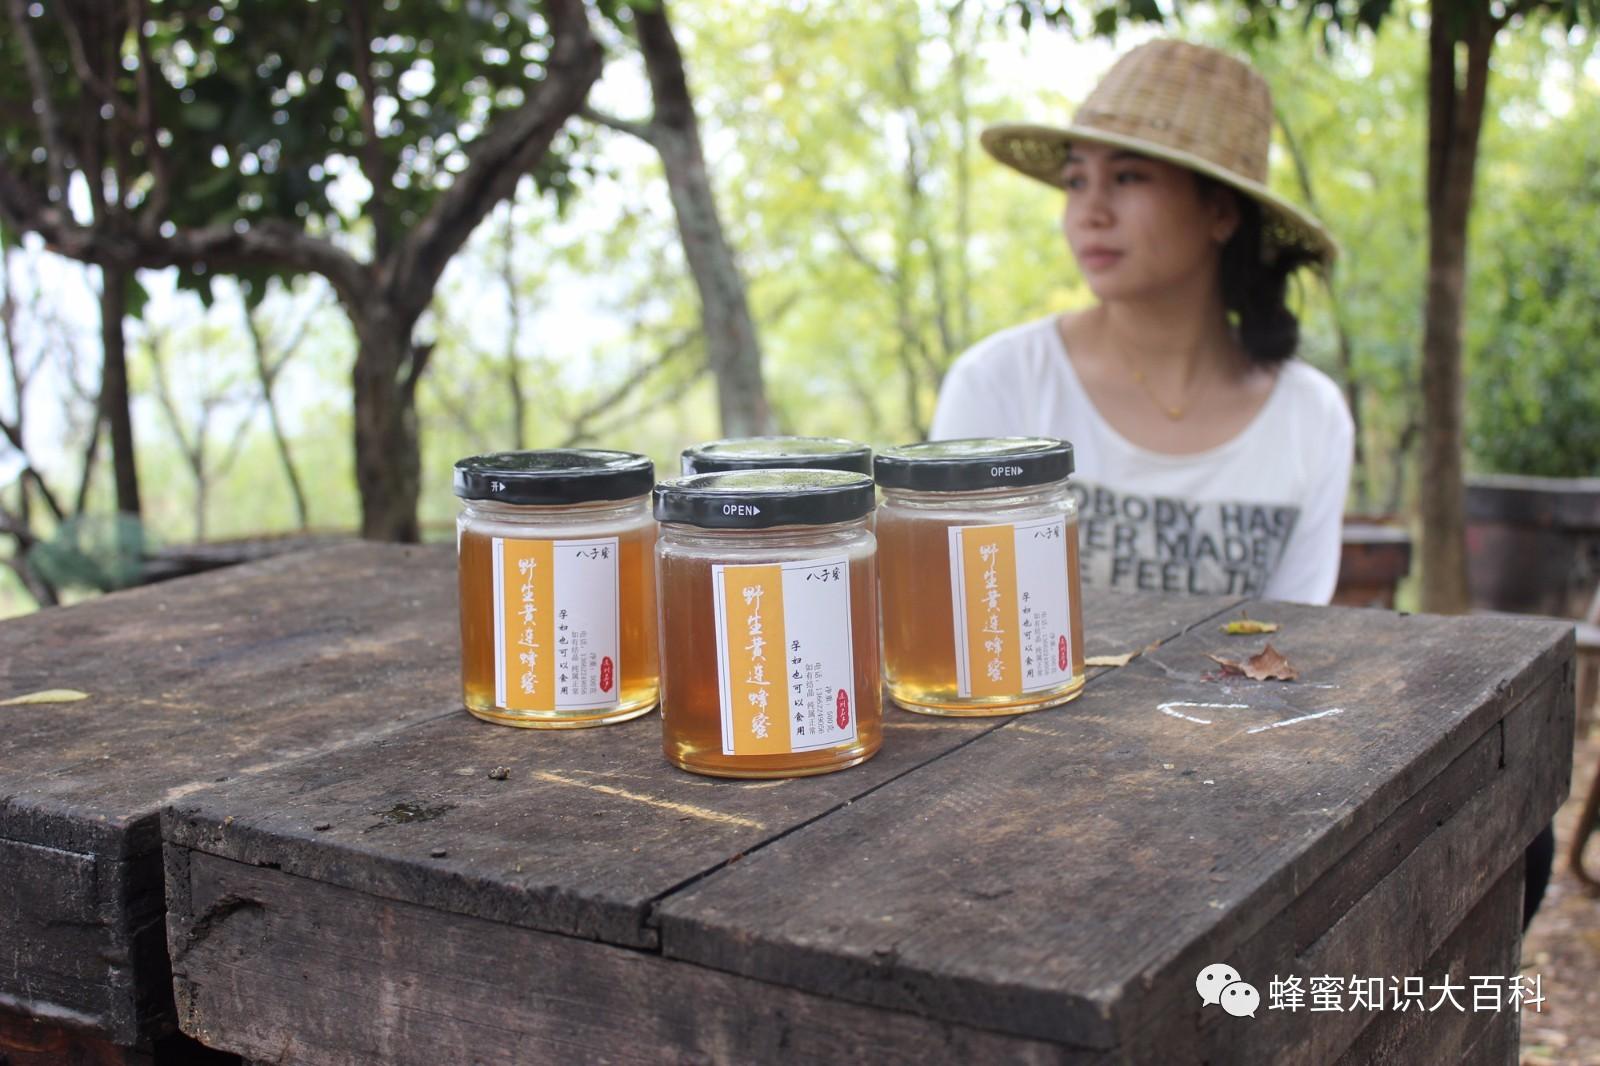 自制蜂蜜面膜大全,简单又实用